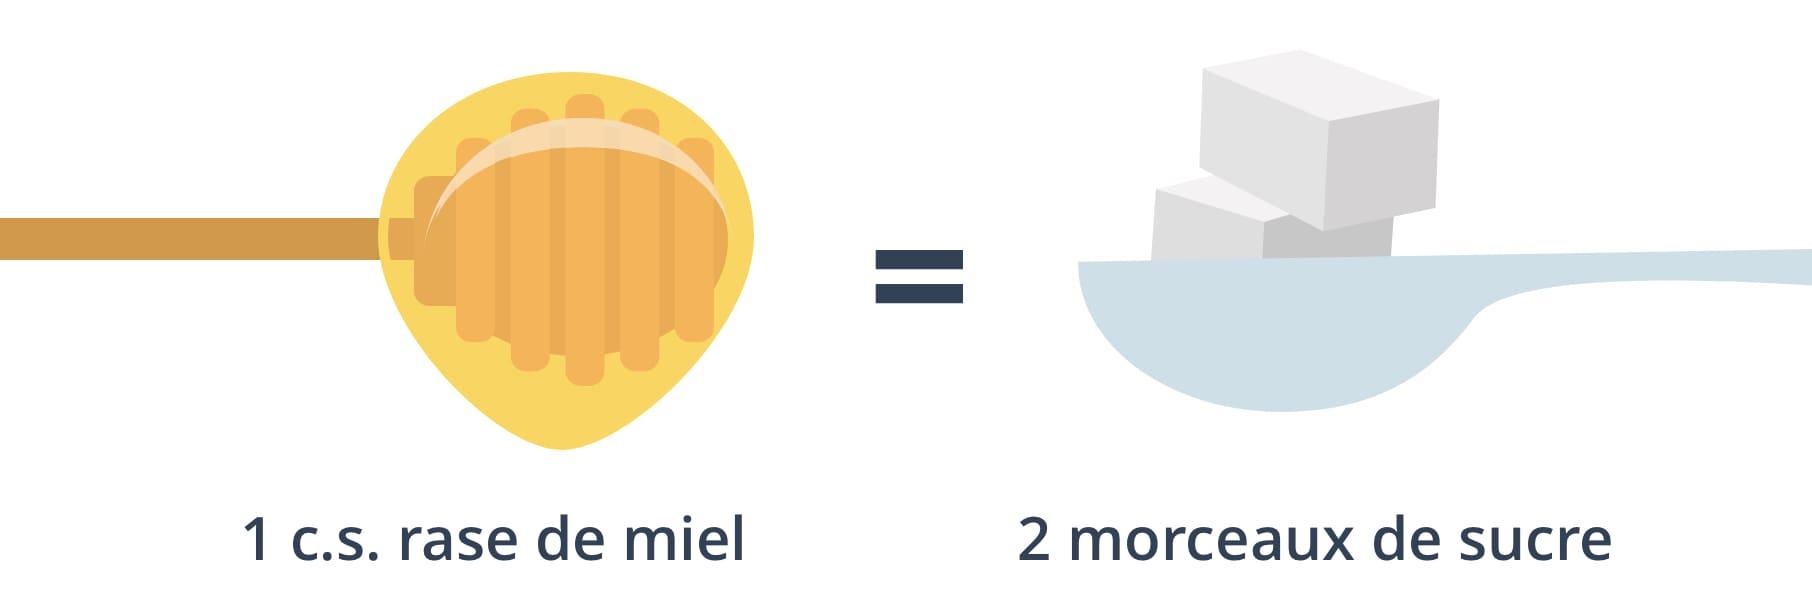 1 c.s. rase de miel = 2 morceaux de sucre